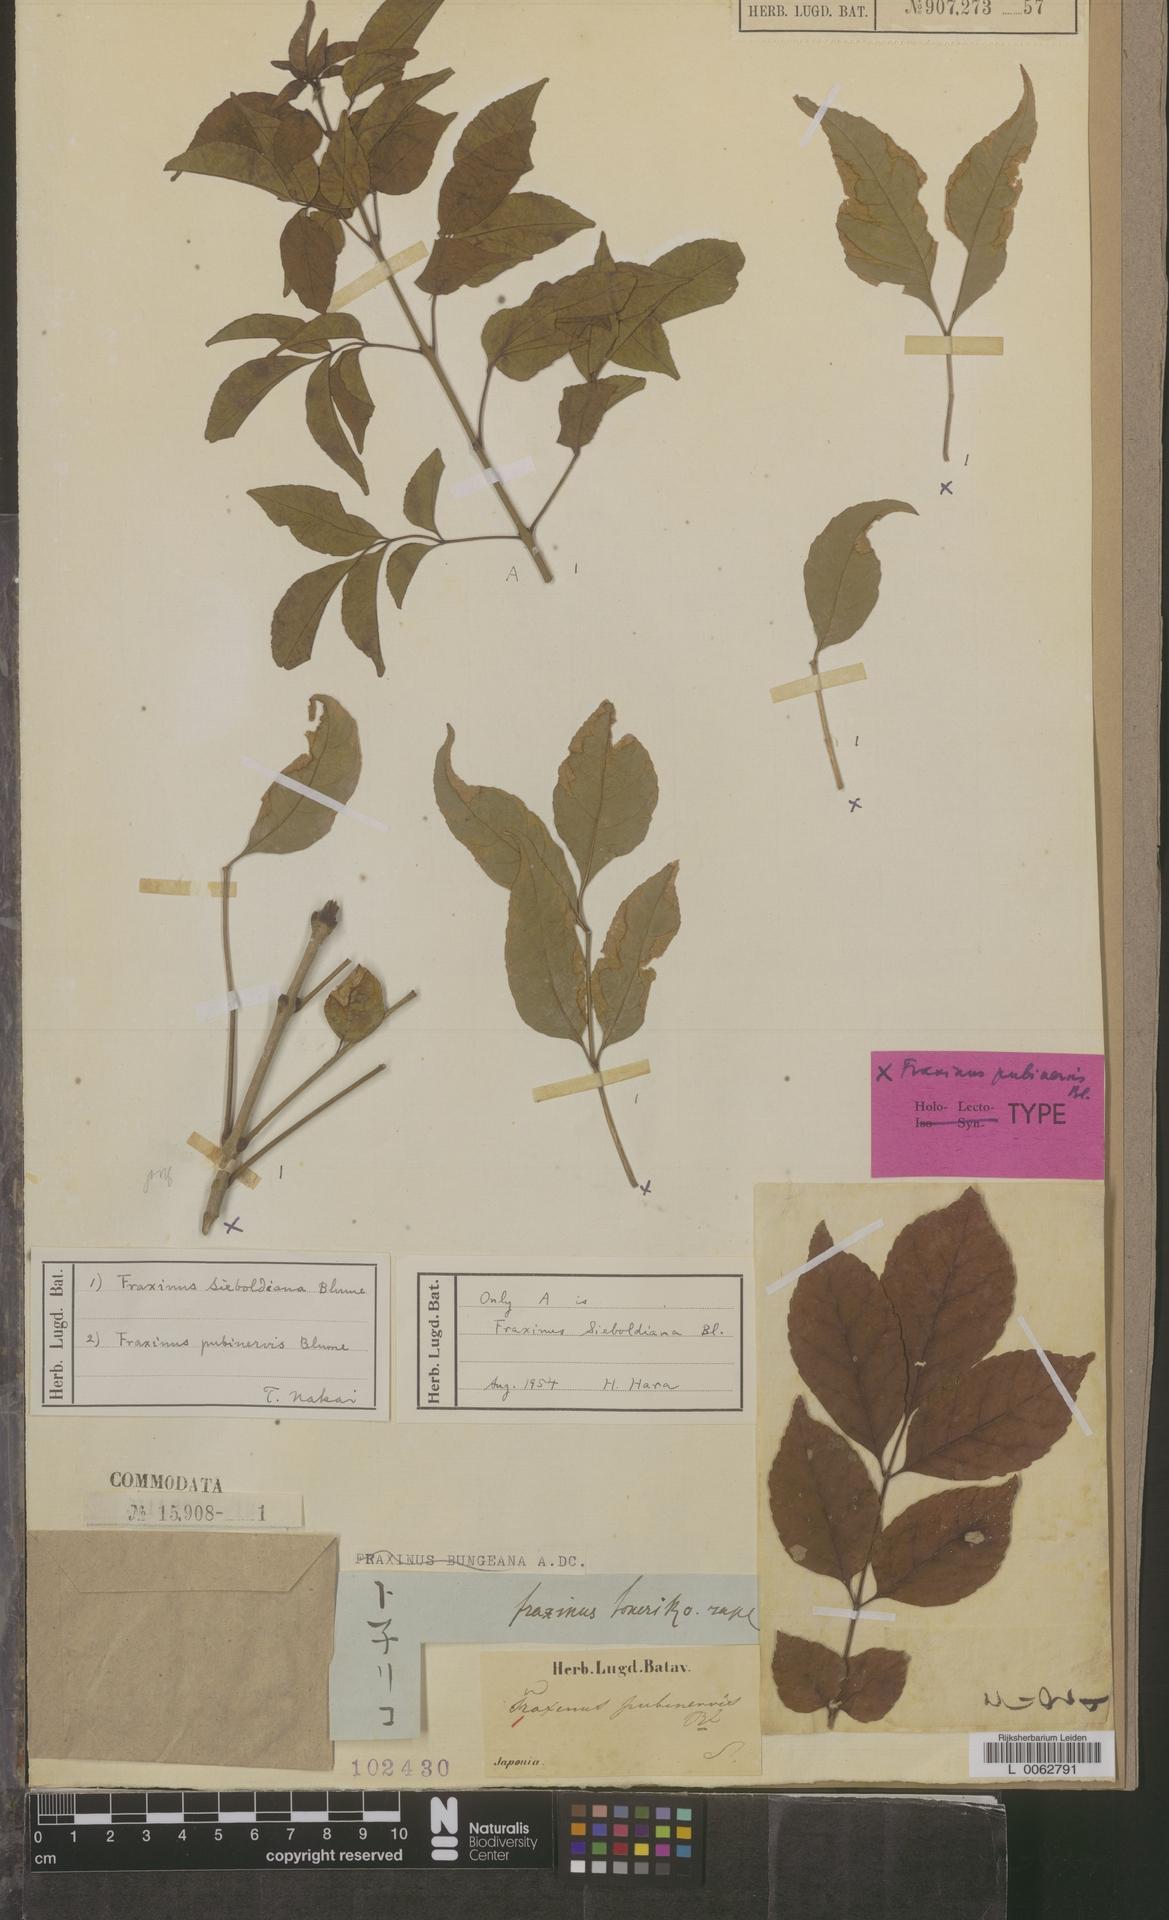 L  0062791 | Fraxinus pubinervis Blume